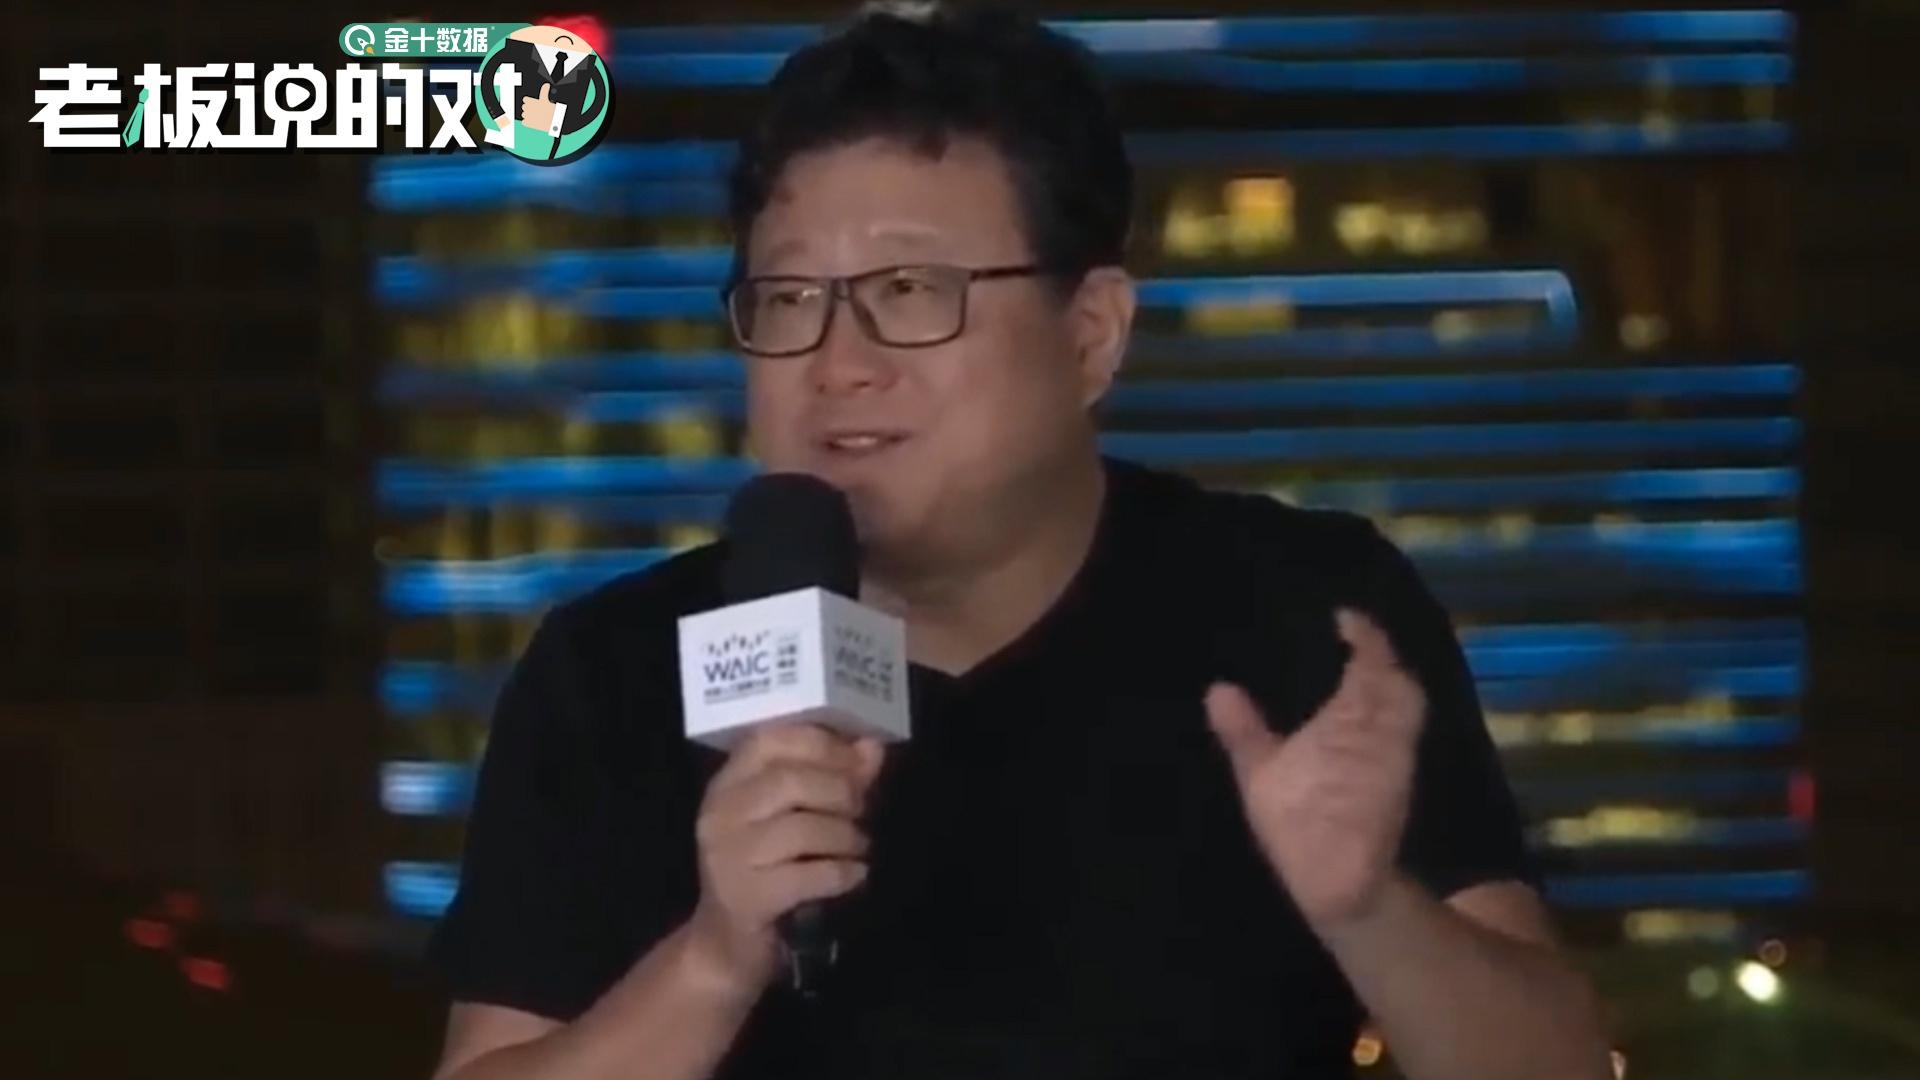 """丁磊吐槽""""上海交通"""":车牌再贵也是塞车!""""限号""""这土方法没用"""